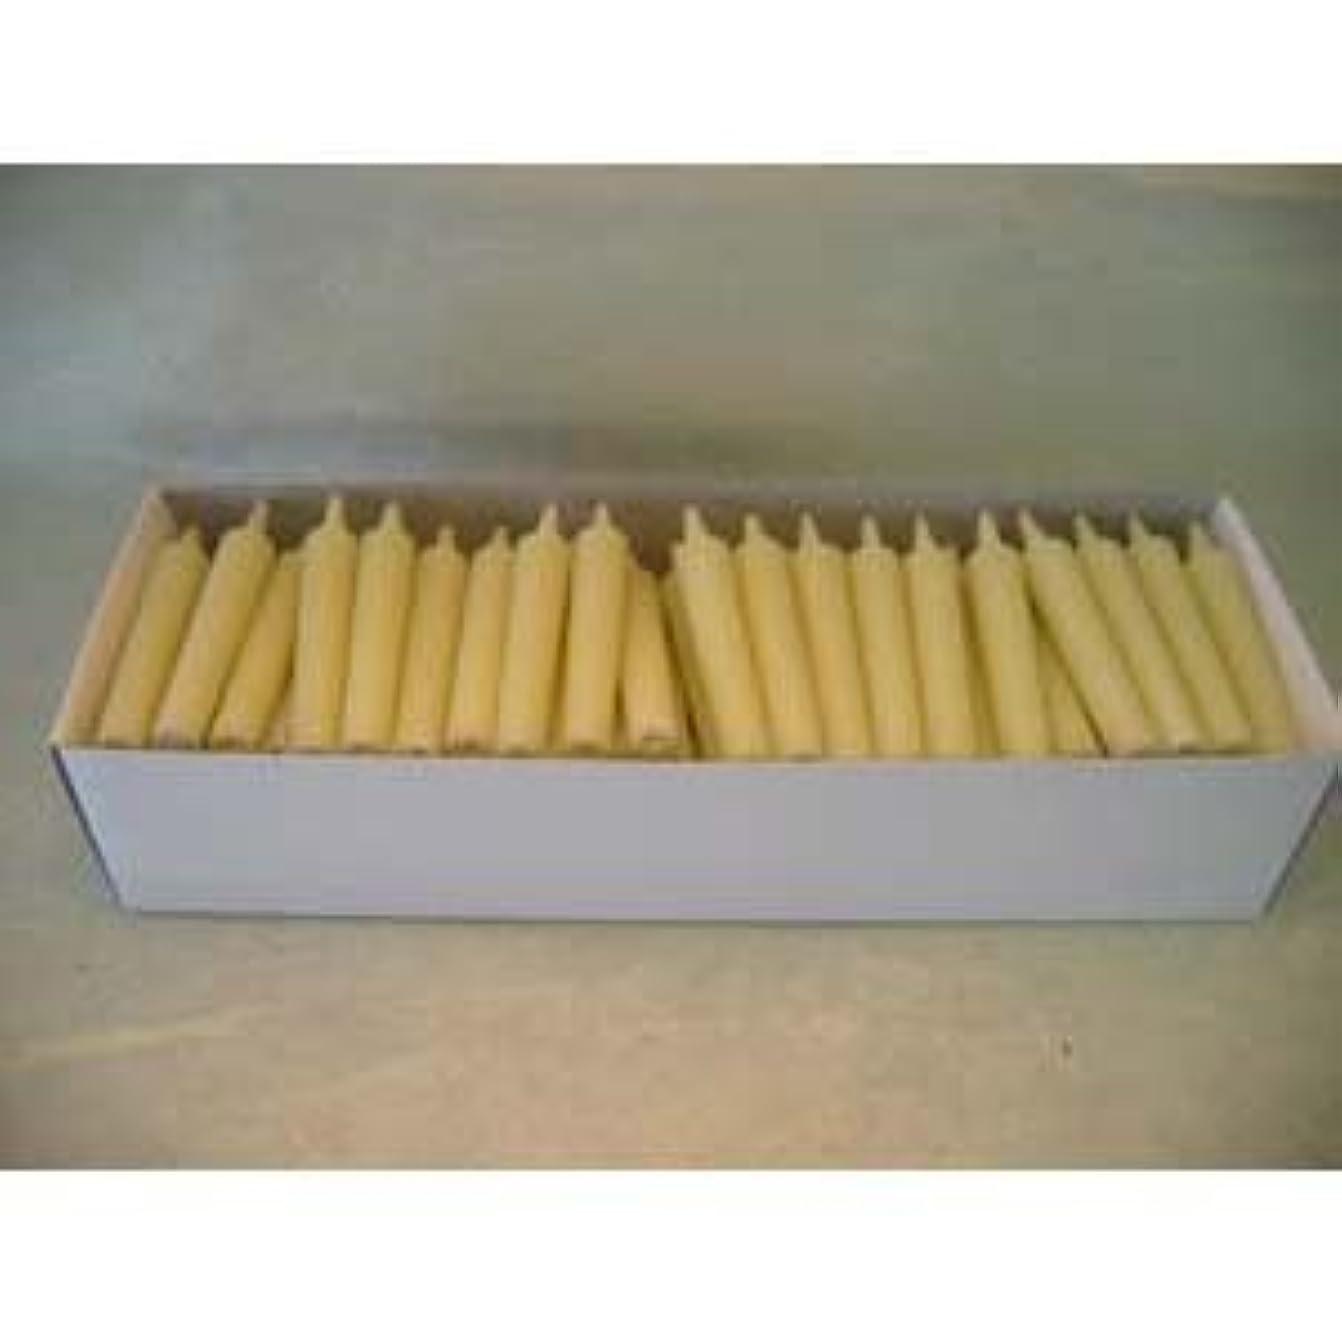 最初にセイはさておき間違っている和ろうそく 型和蝋燭 ローソク 豆型 棒タイプ 白 100本入り